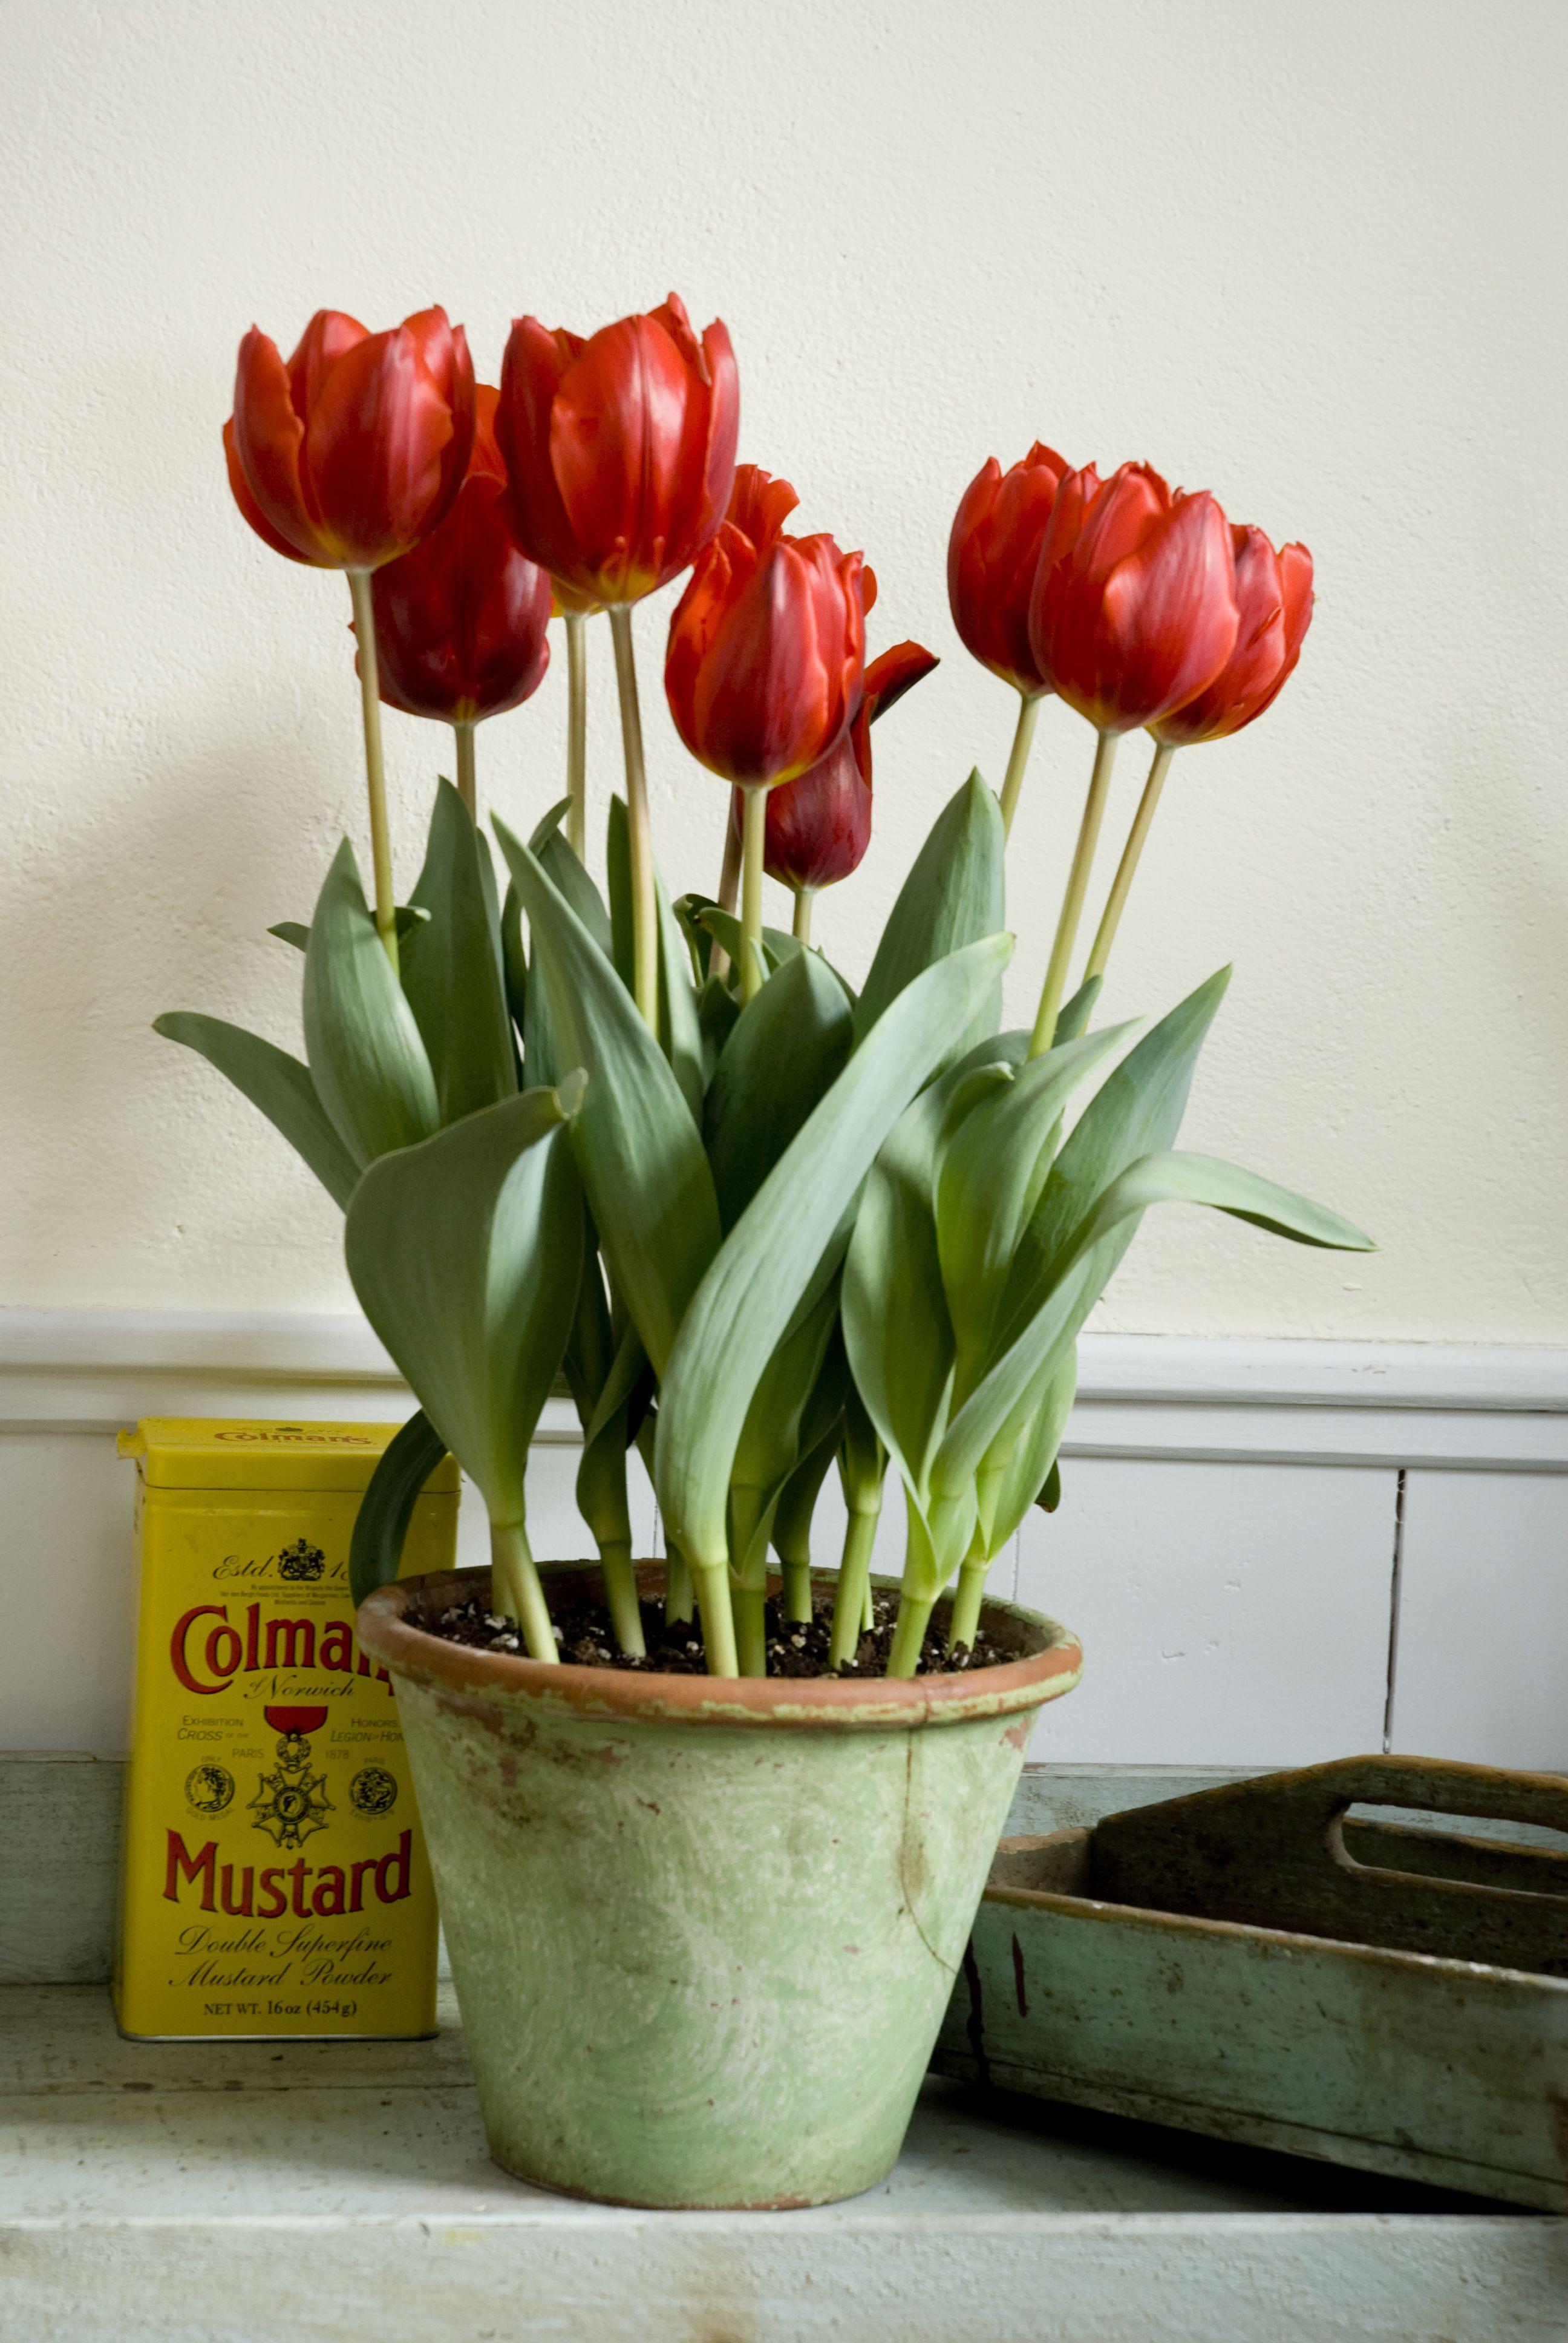 Escape Triumph Tulip Pre Chilled Tulips Arrangement Planting Tulips Bulb Flowers